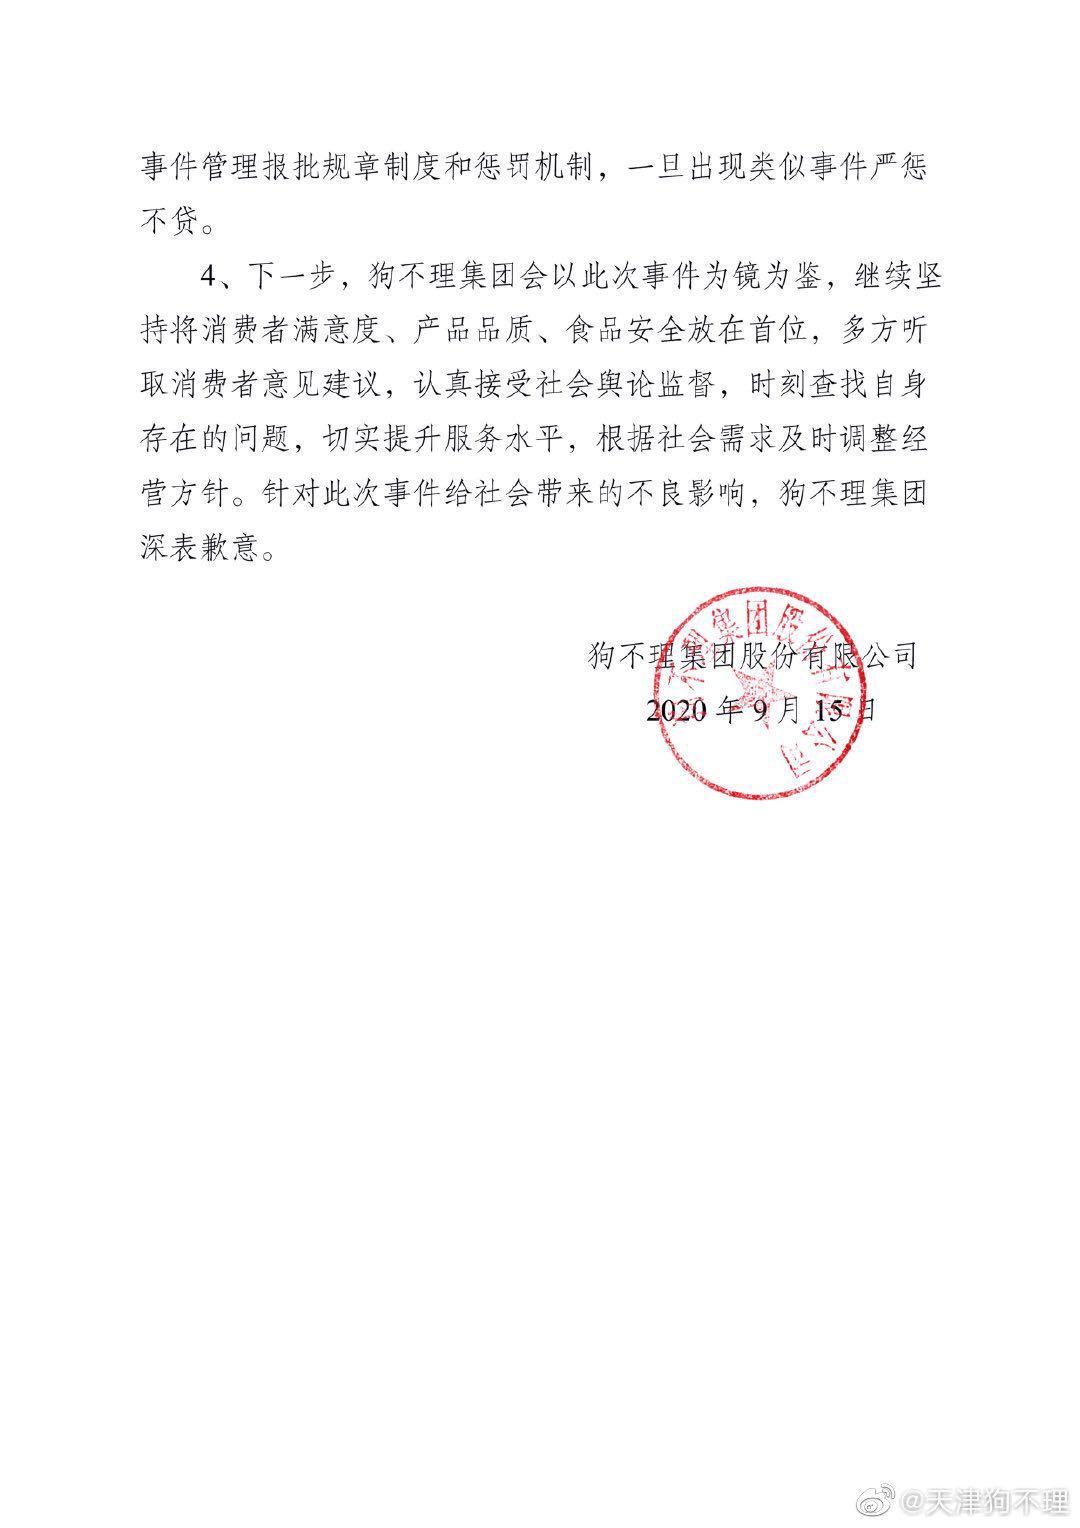 王府井狗不理遭差评后报警,集团与其解除合作:为加盟店,严肃整改